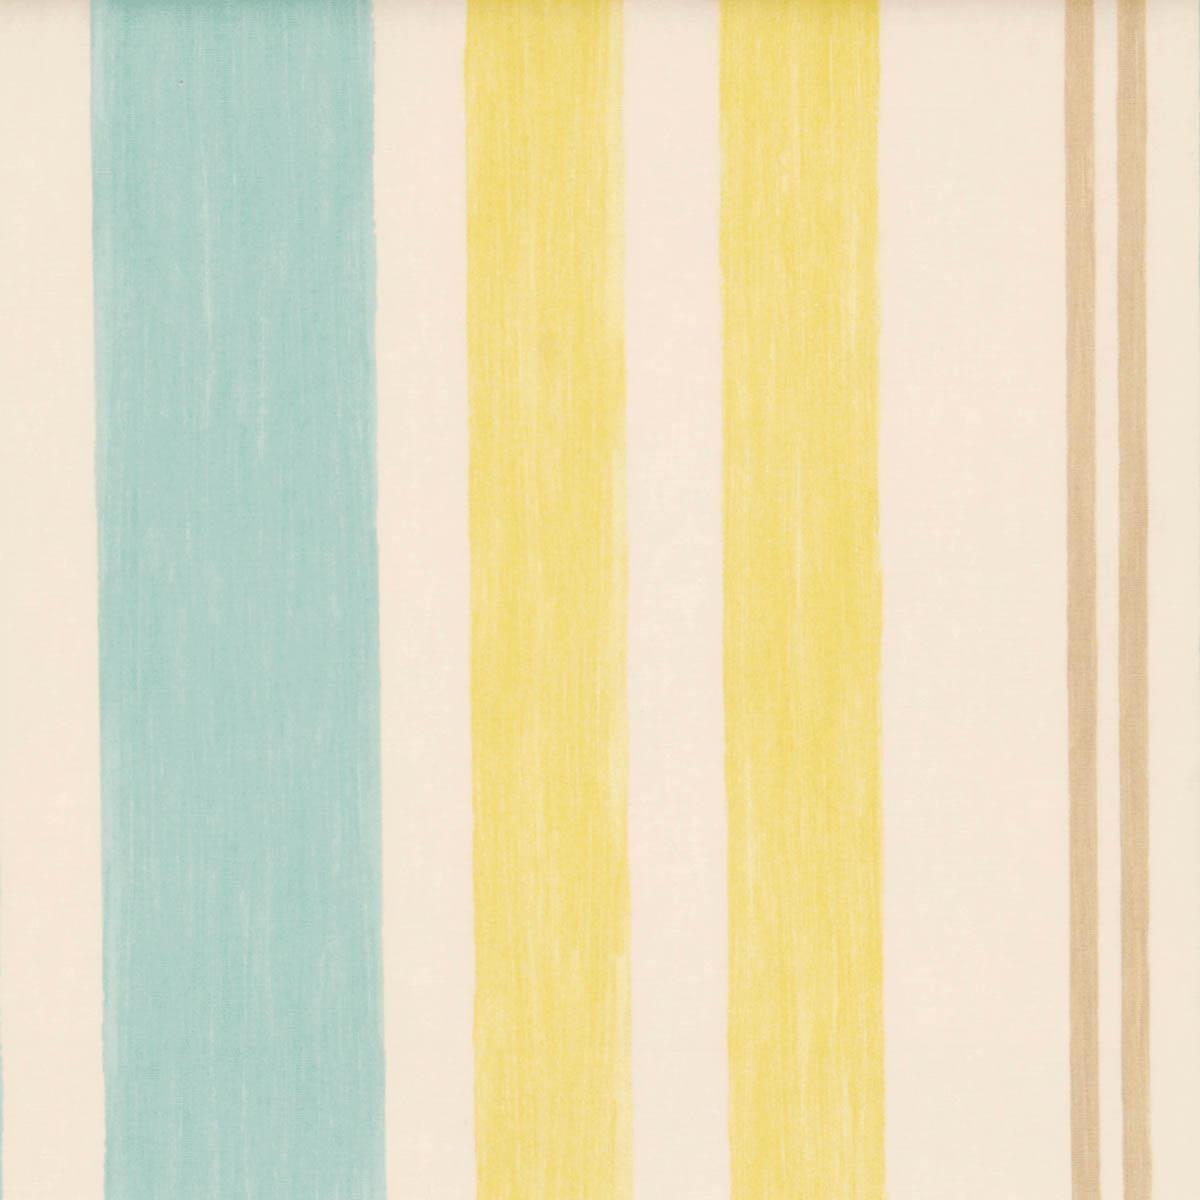 Yellow fabric shower curtain - Bali curtain fabric duckegg cheap bali curtain fabric duckegg